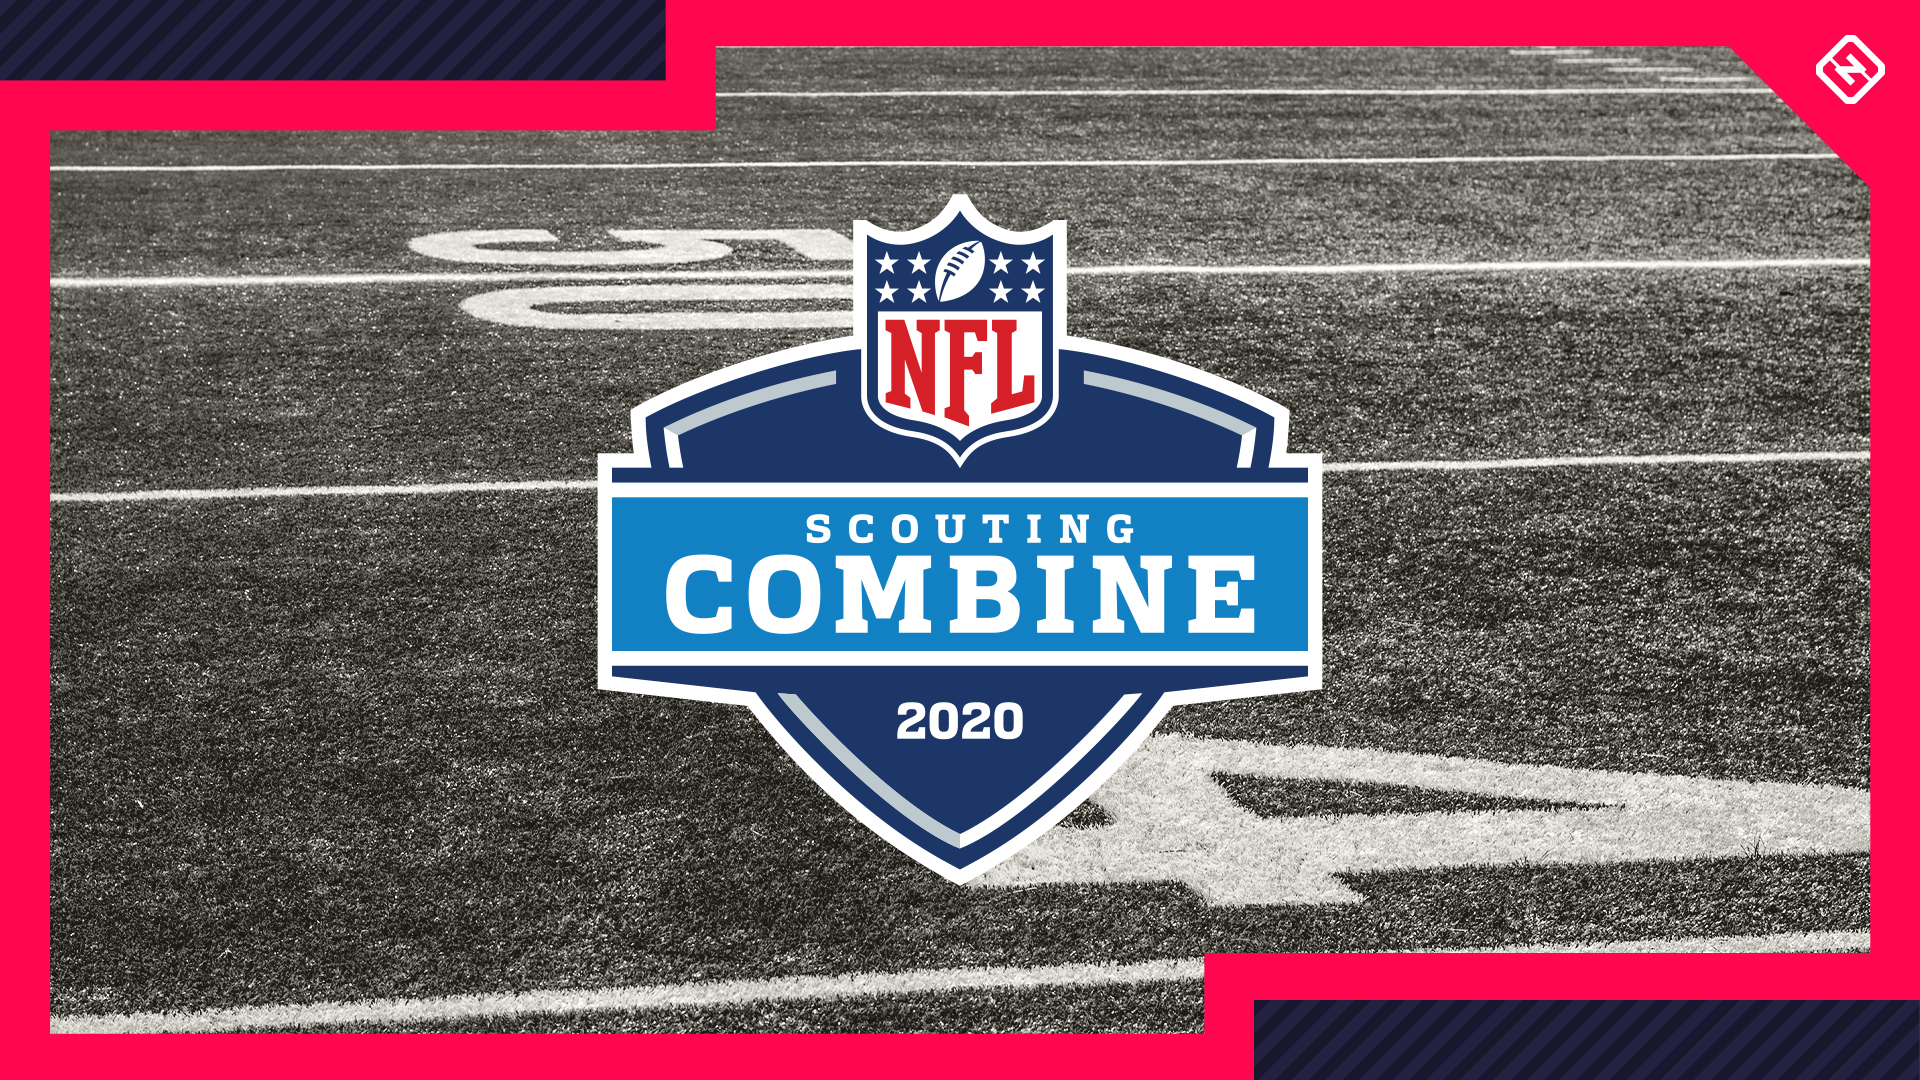 ¿En qué canal está el NFL Combine? Horarios, horario de TV para nuevas transmisiones en horario estelar en 2020 83